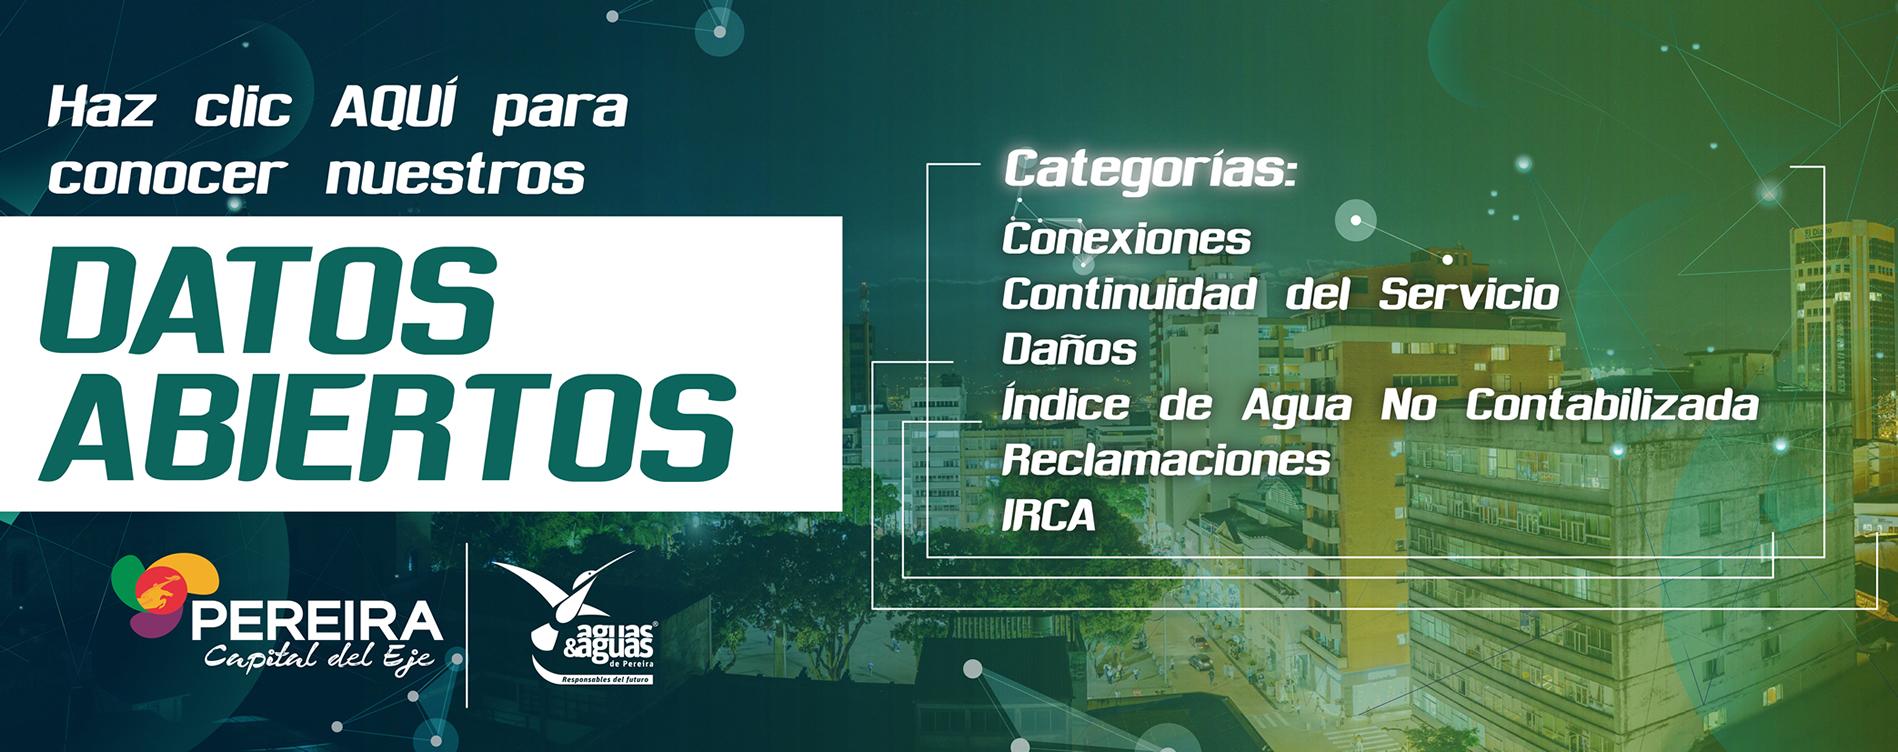 DatosAbiertos2019